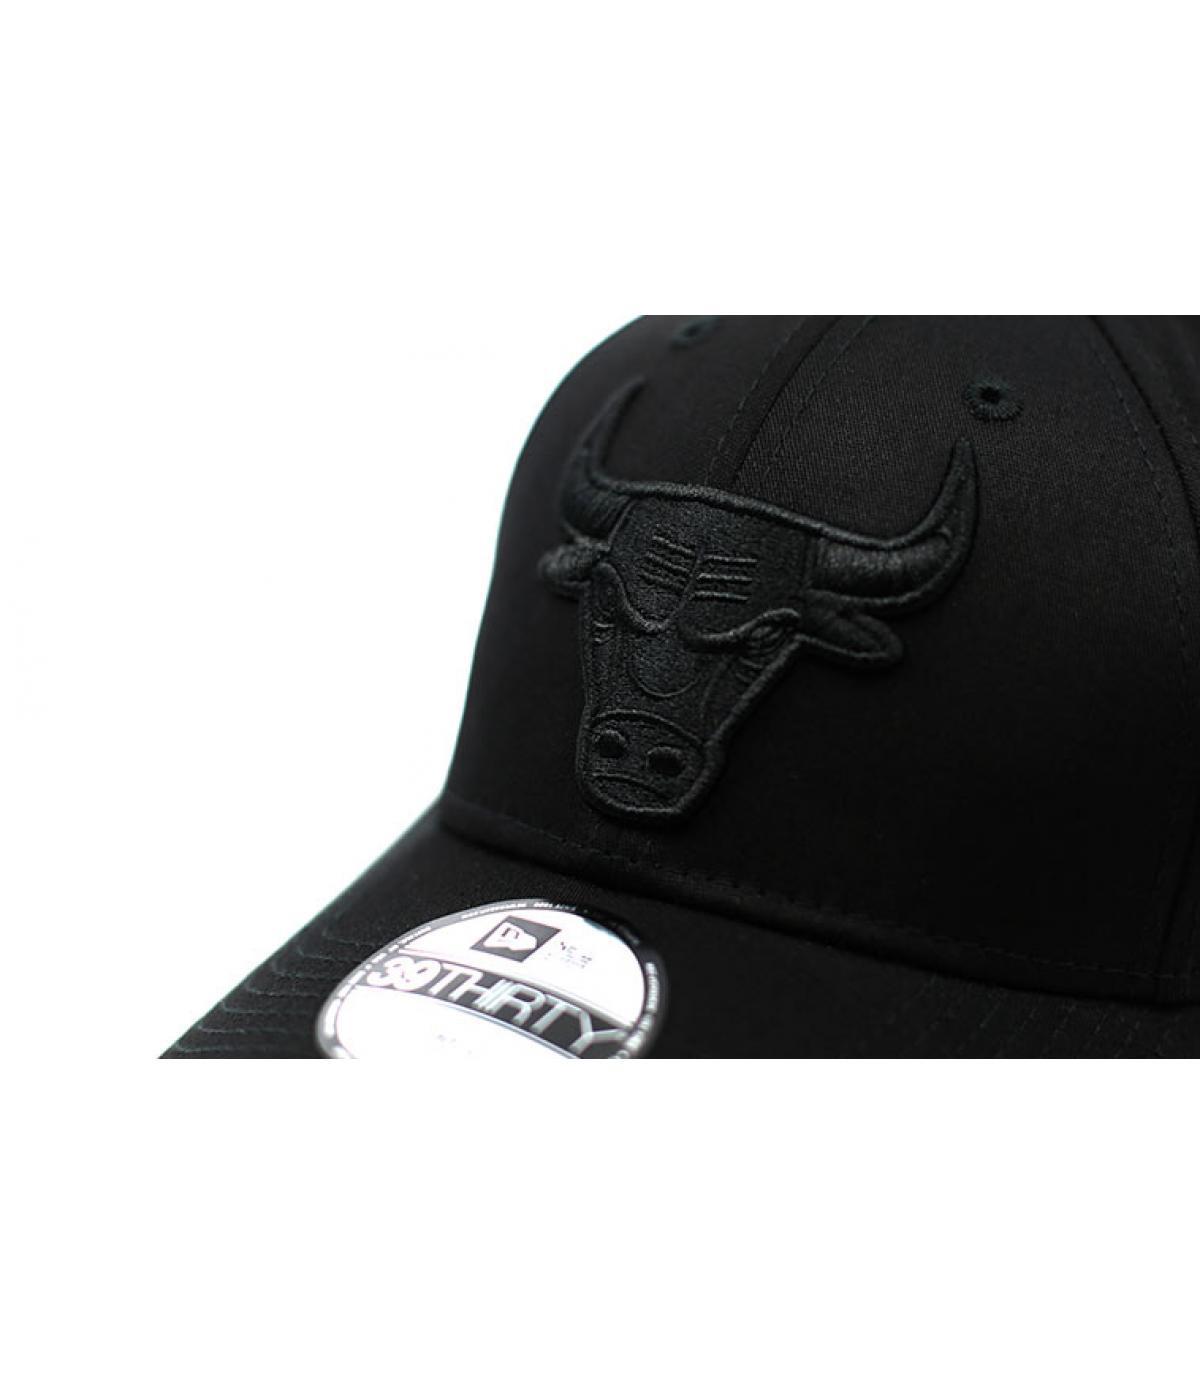 Détails Casquette Bulls Black On Black 39Thirty - image 3